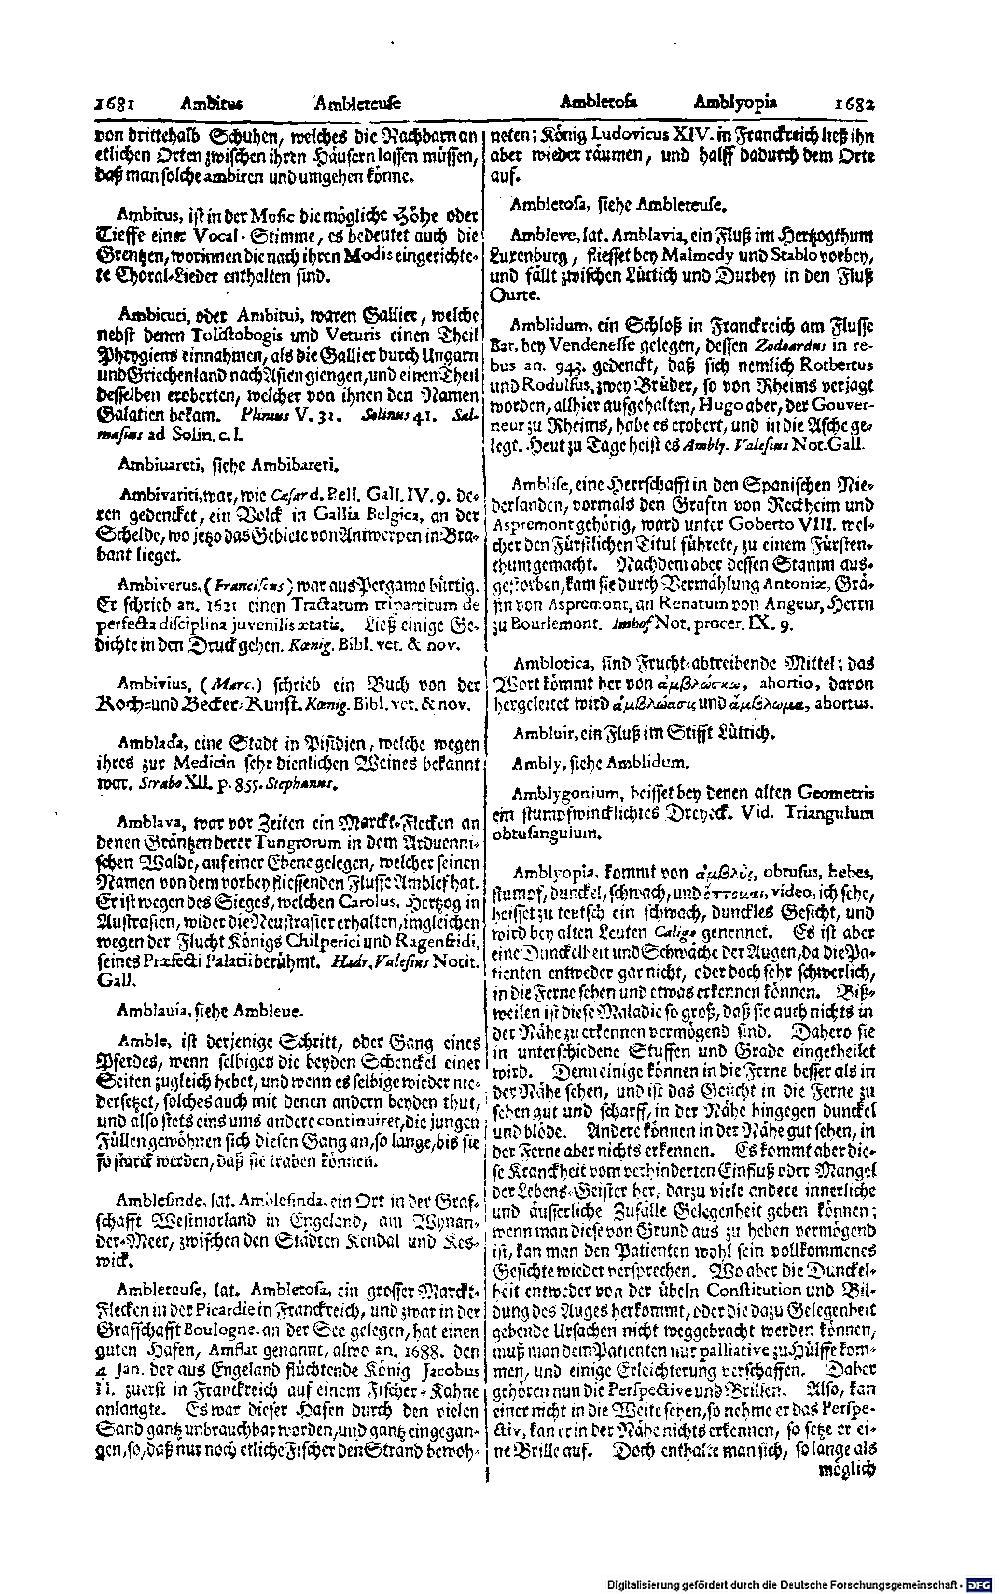 Bd. 01, Seite 0831.